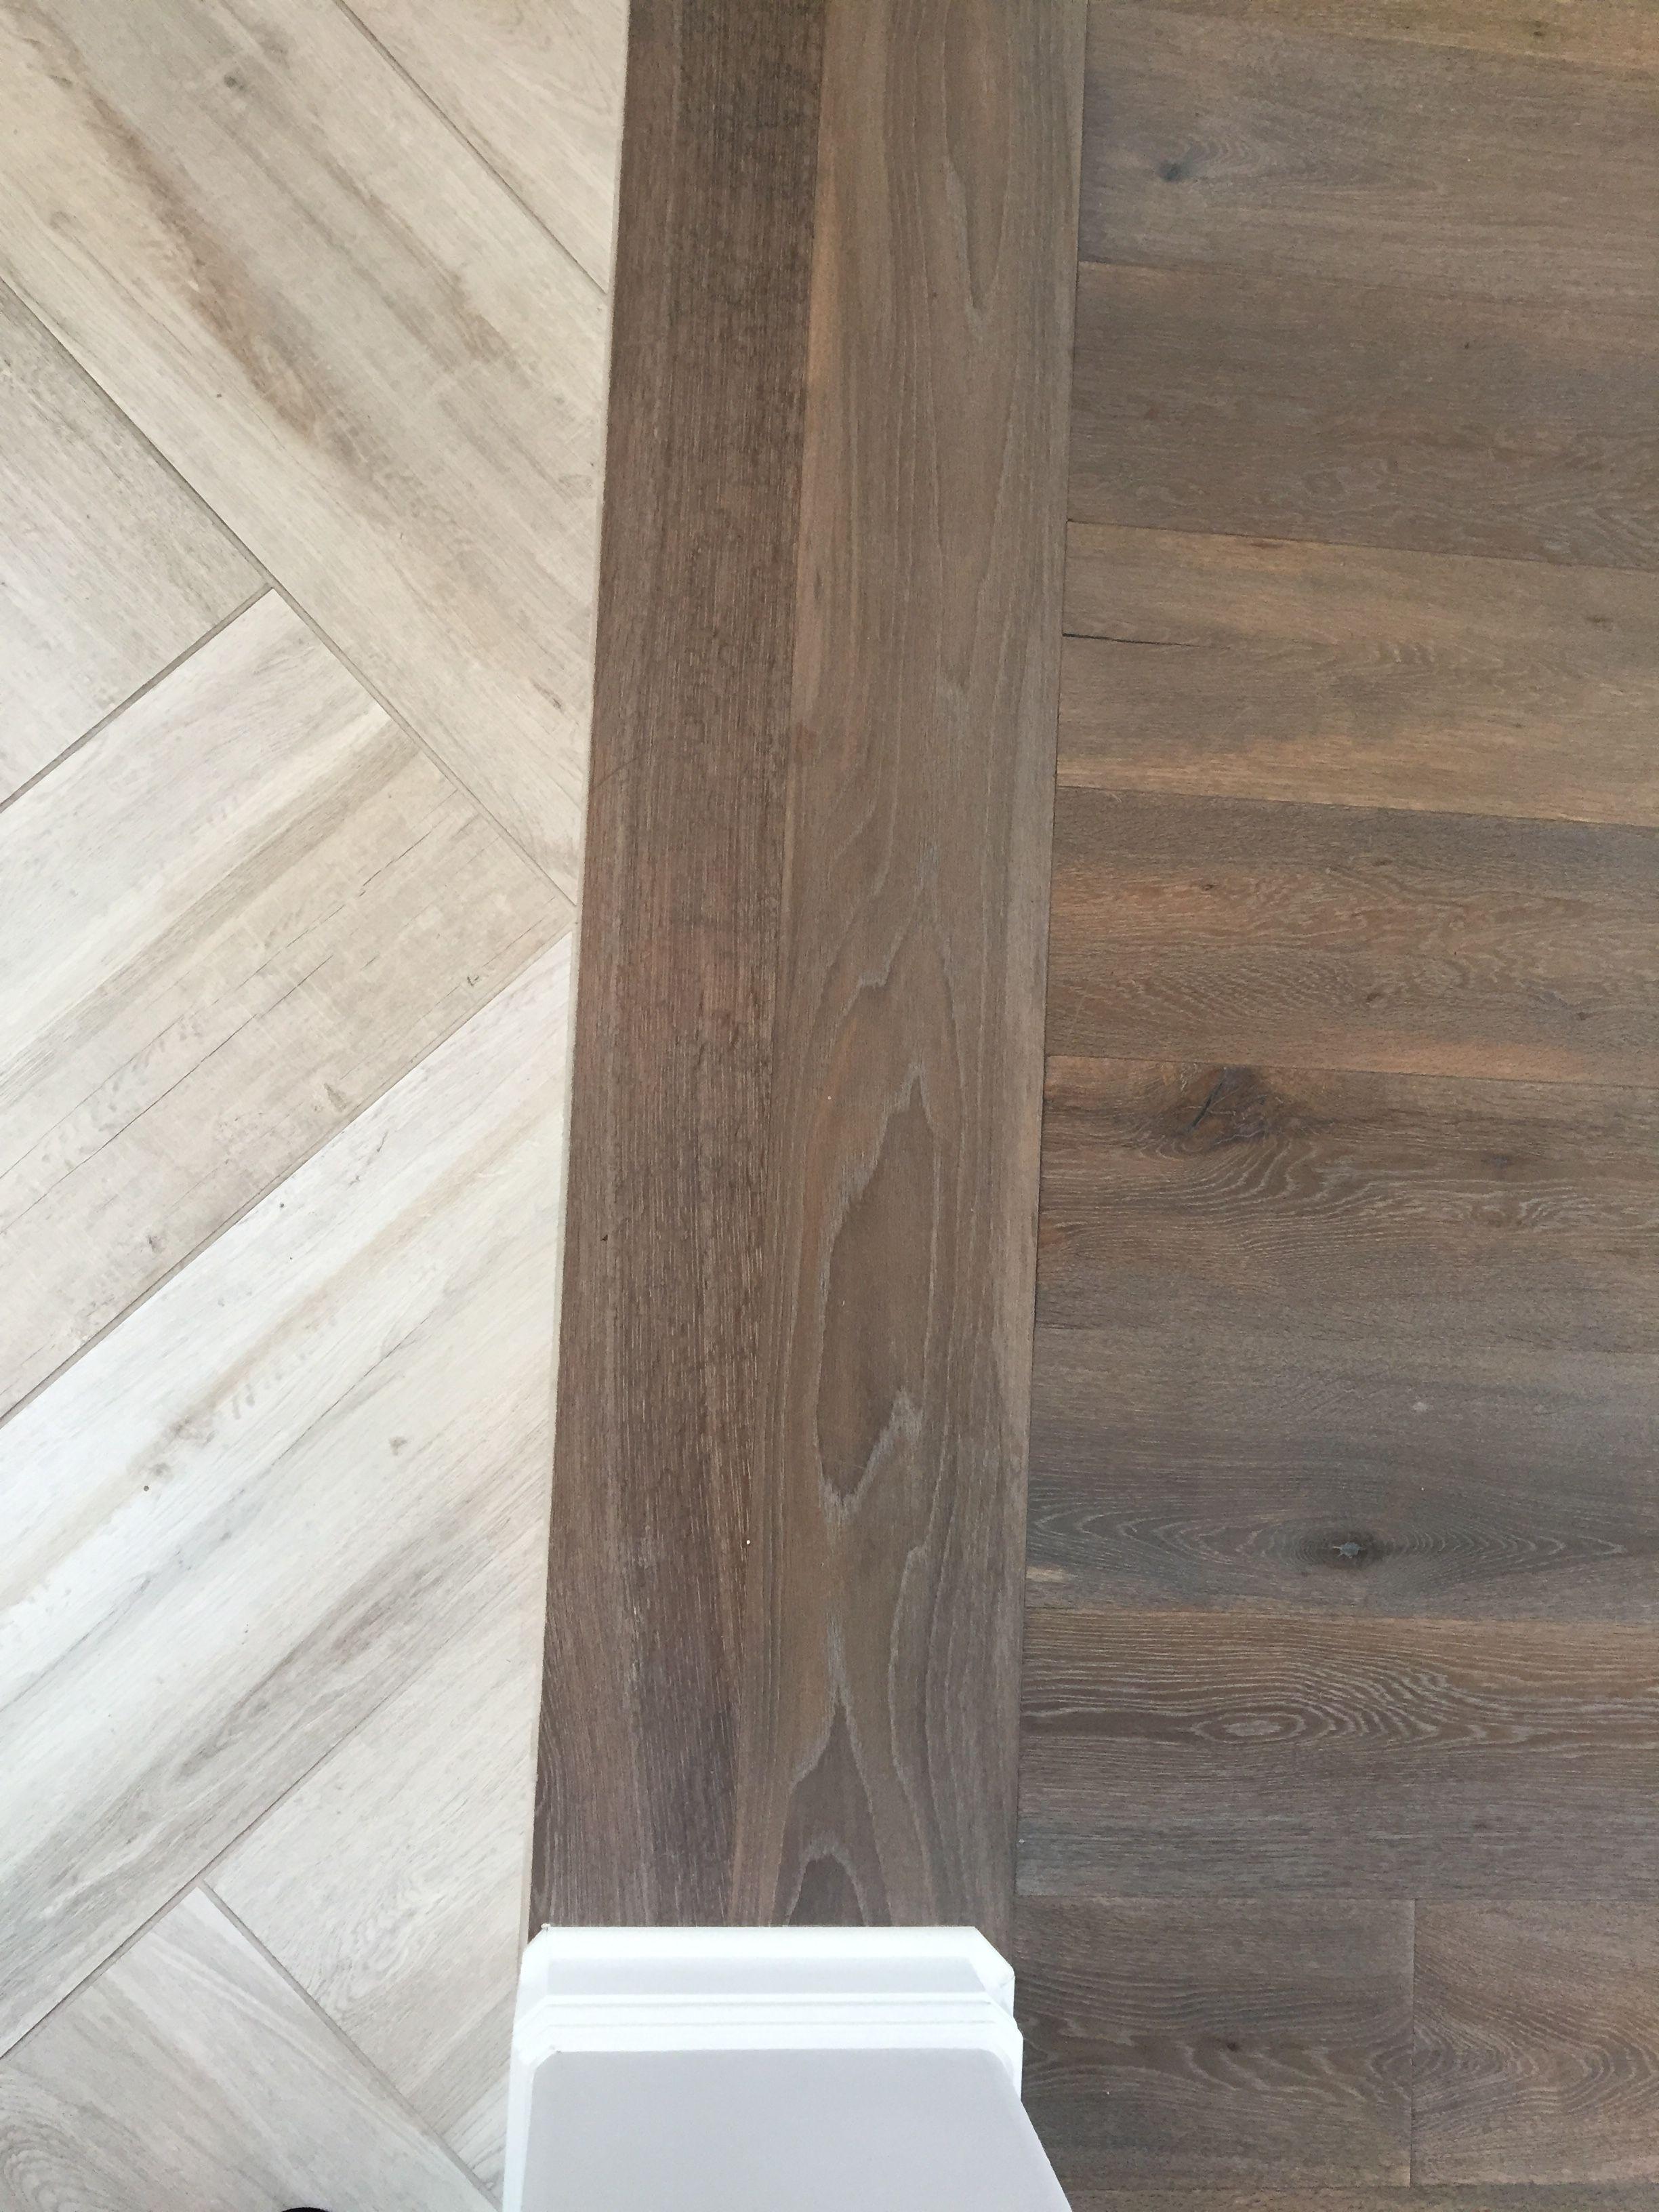 choosing hardwood floor color of floor transition laminate to herringbone tile pattern model regarding floor transition laminate to herringbone tile pattern herringbone tile pattern herringbone wood floor